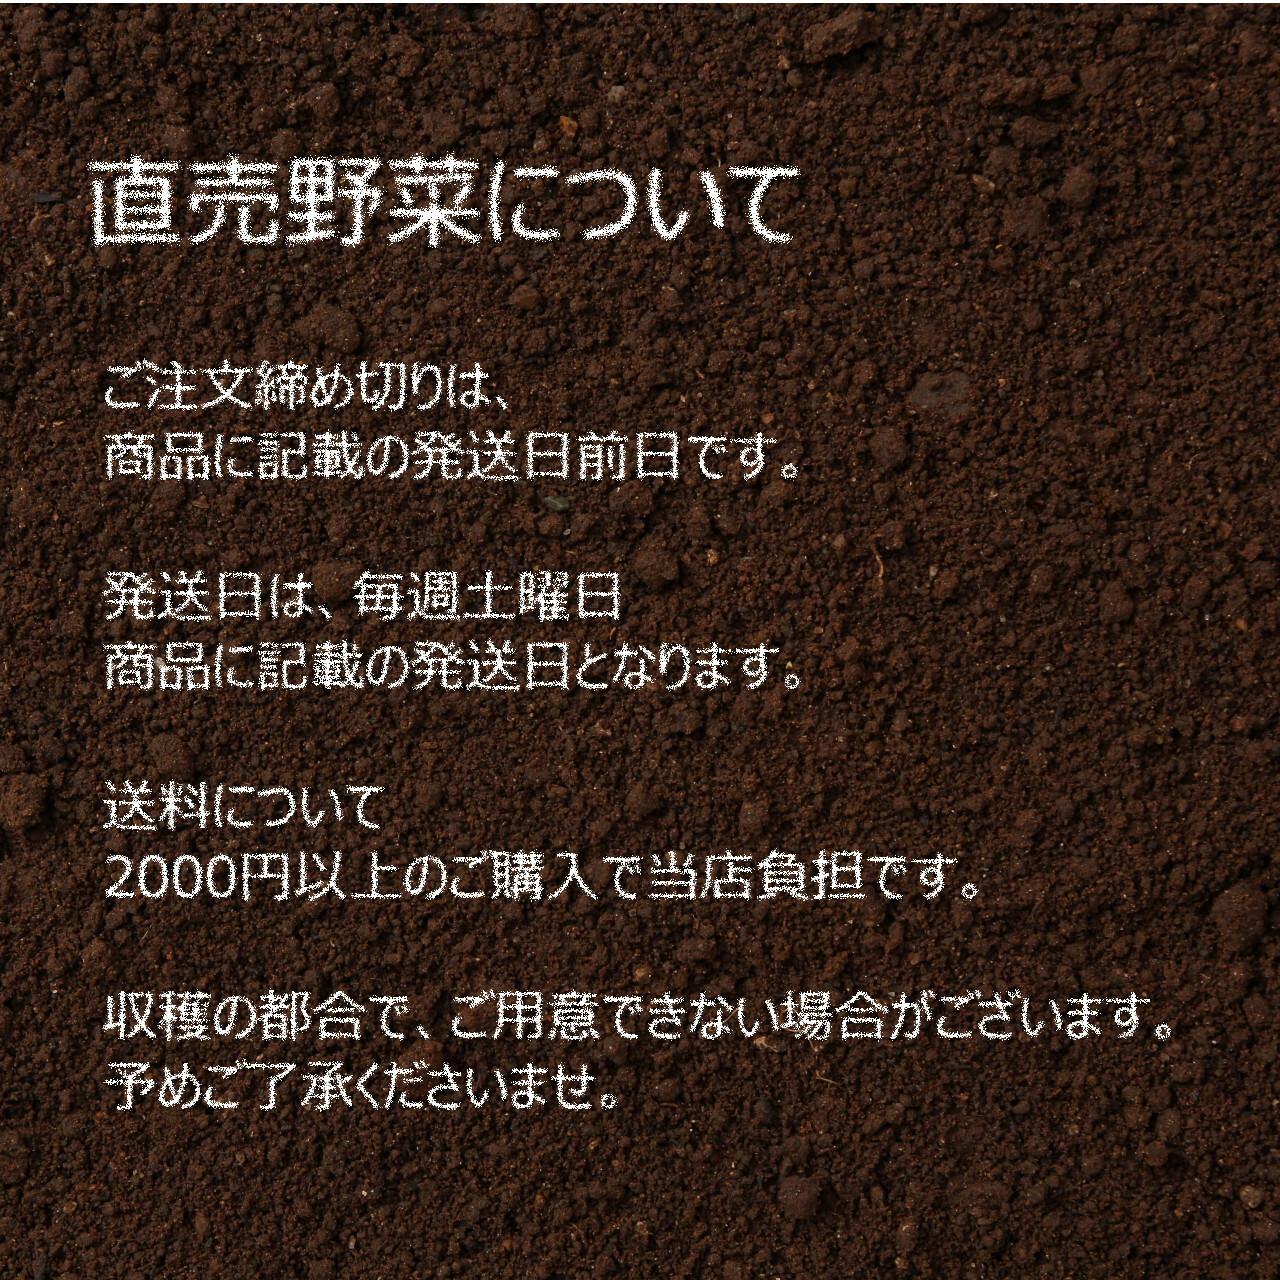 6月の朝採り直売野菜 : 大根 約 1~2本  6月15日発送予定